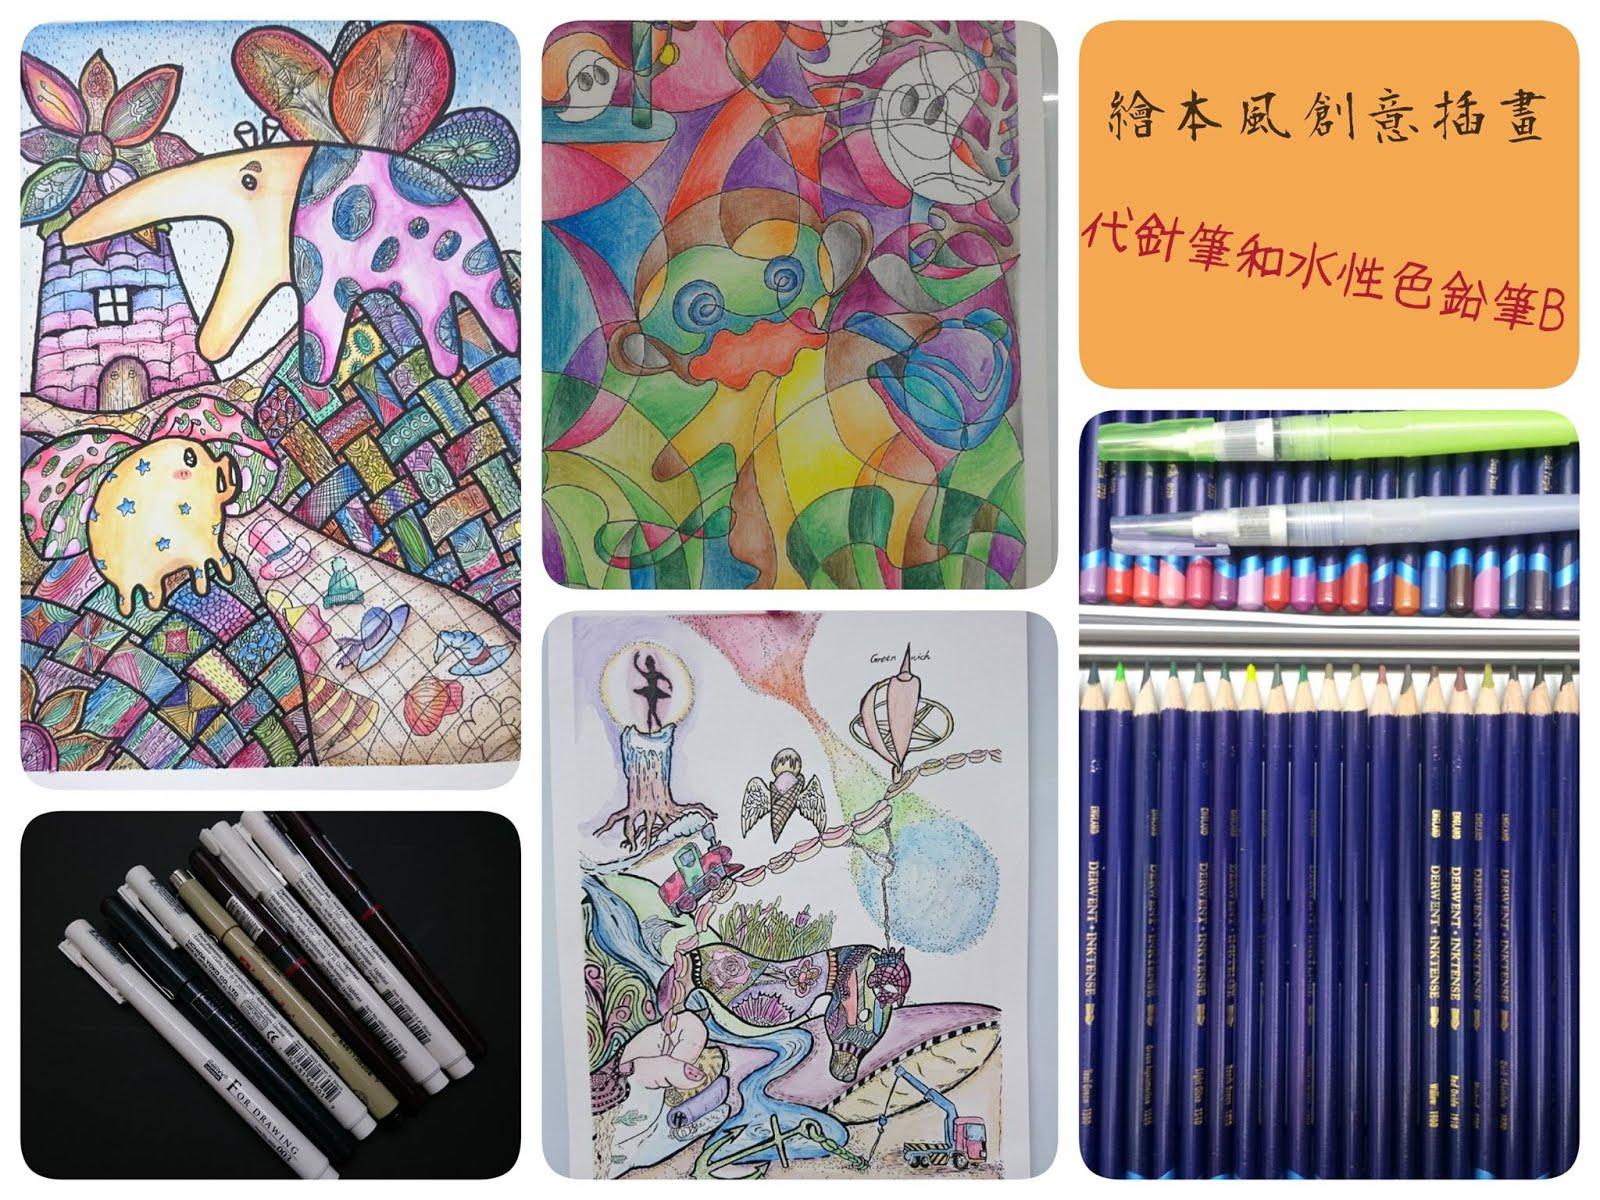 小花先生: [課程]繪本風創意插畫-代針筆和水性色鉛筆B@救國團勵學107-1期